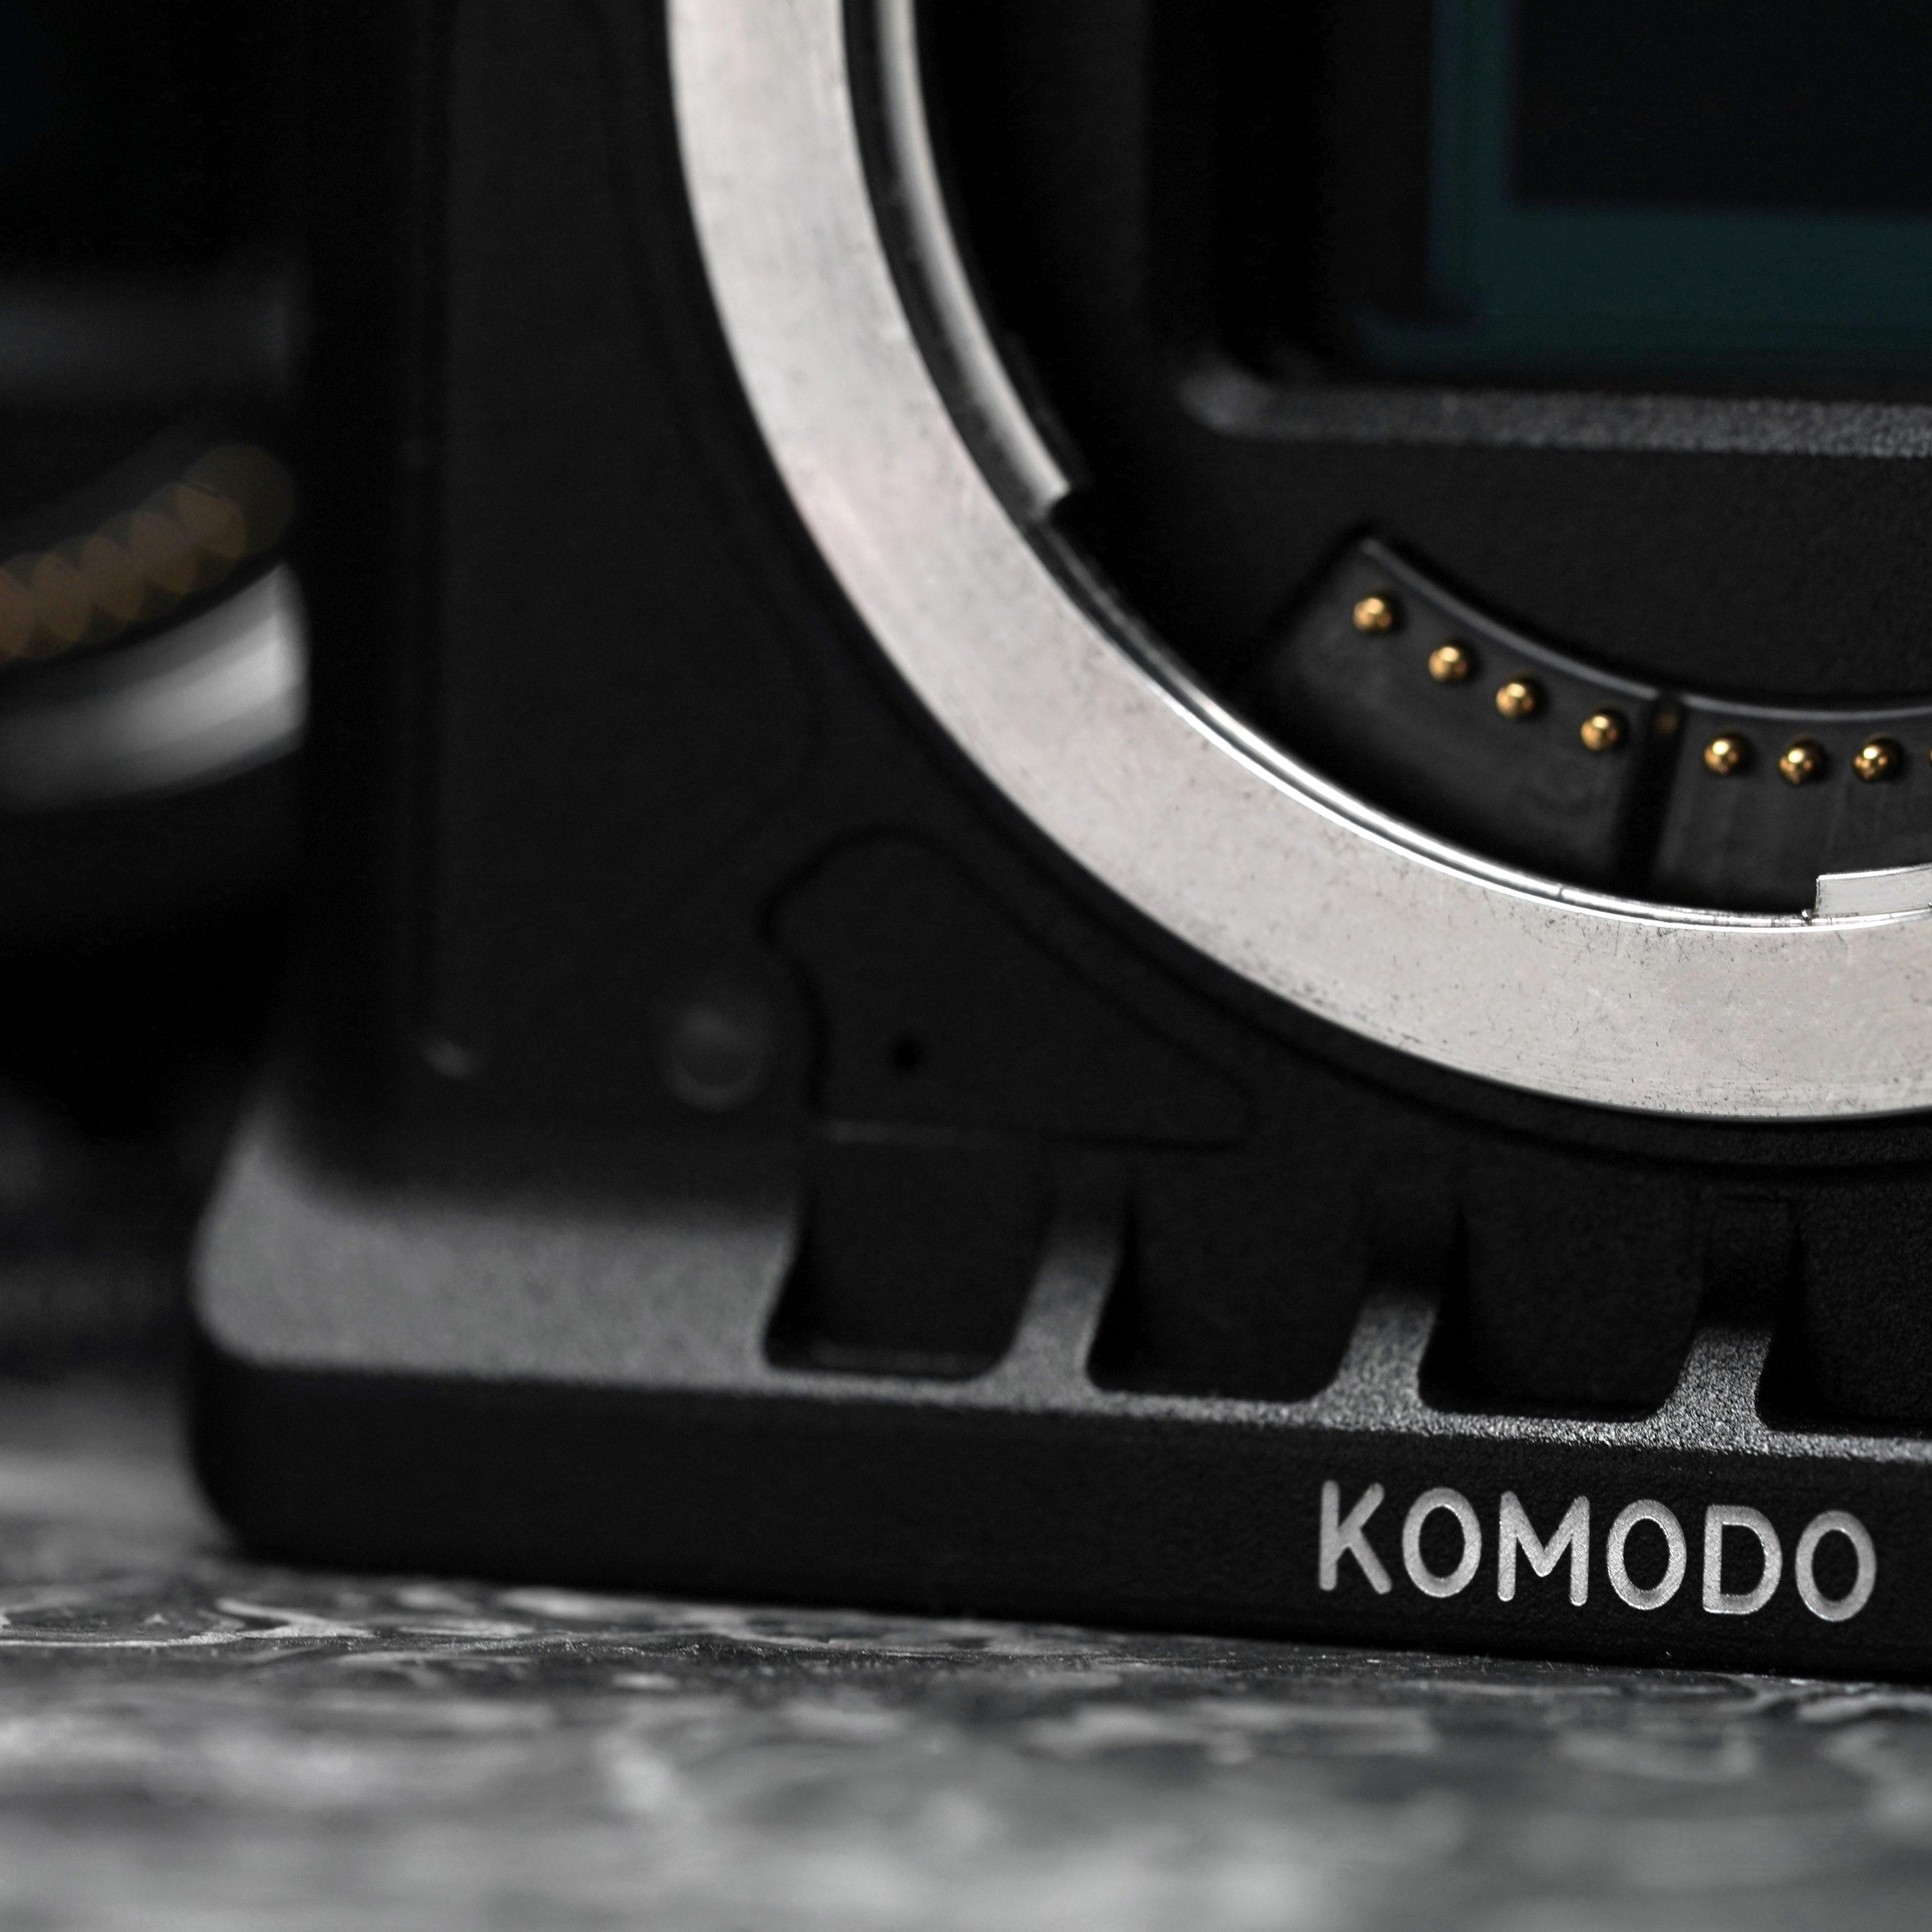 Komodo 1